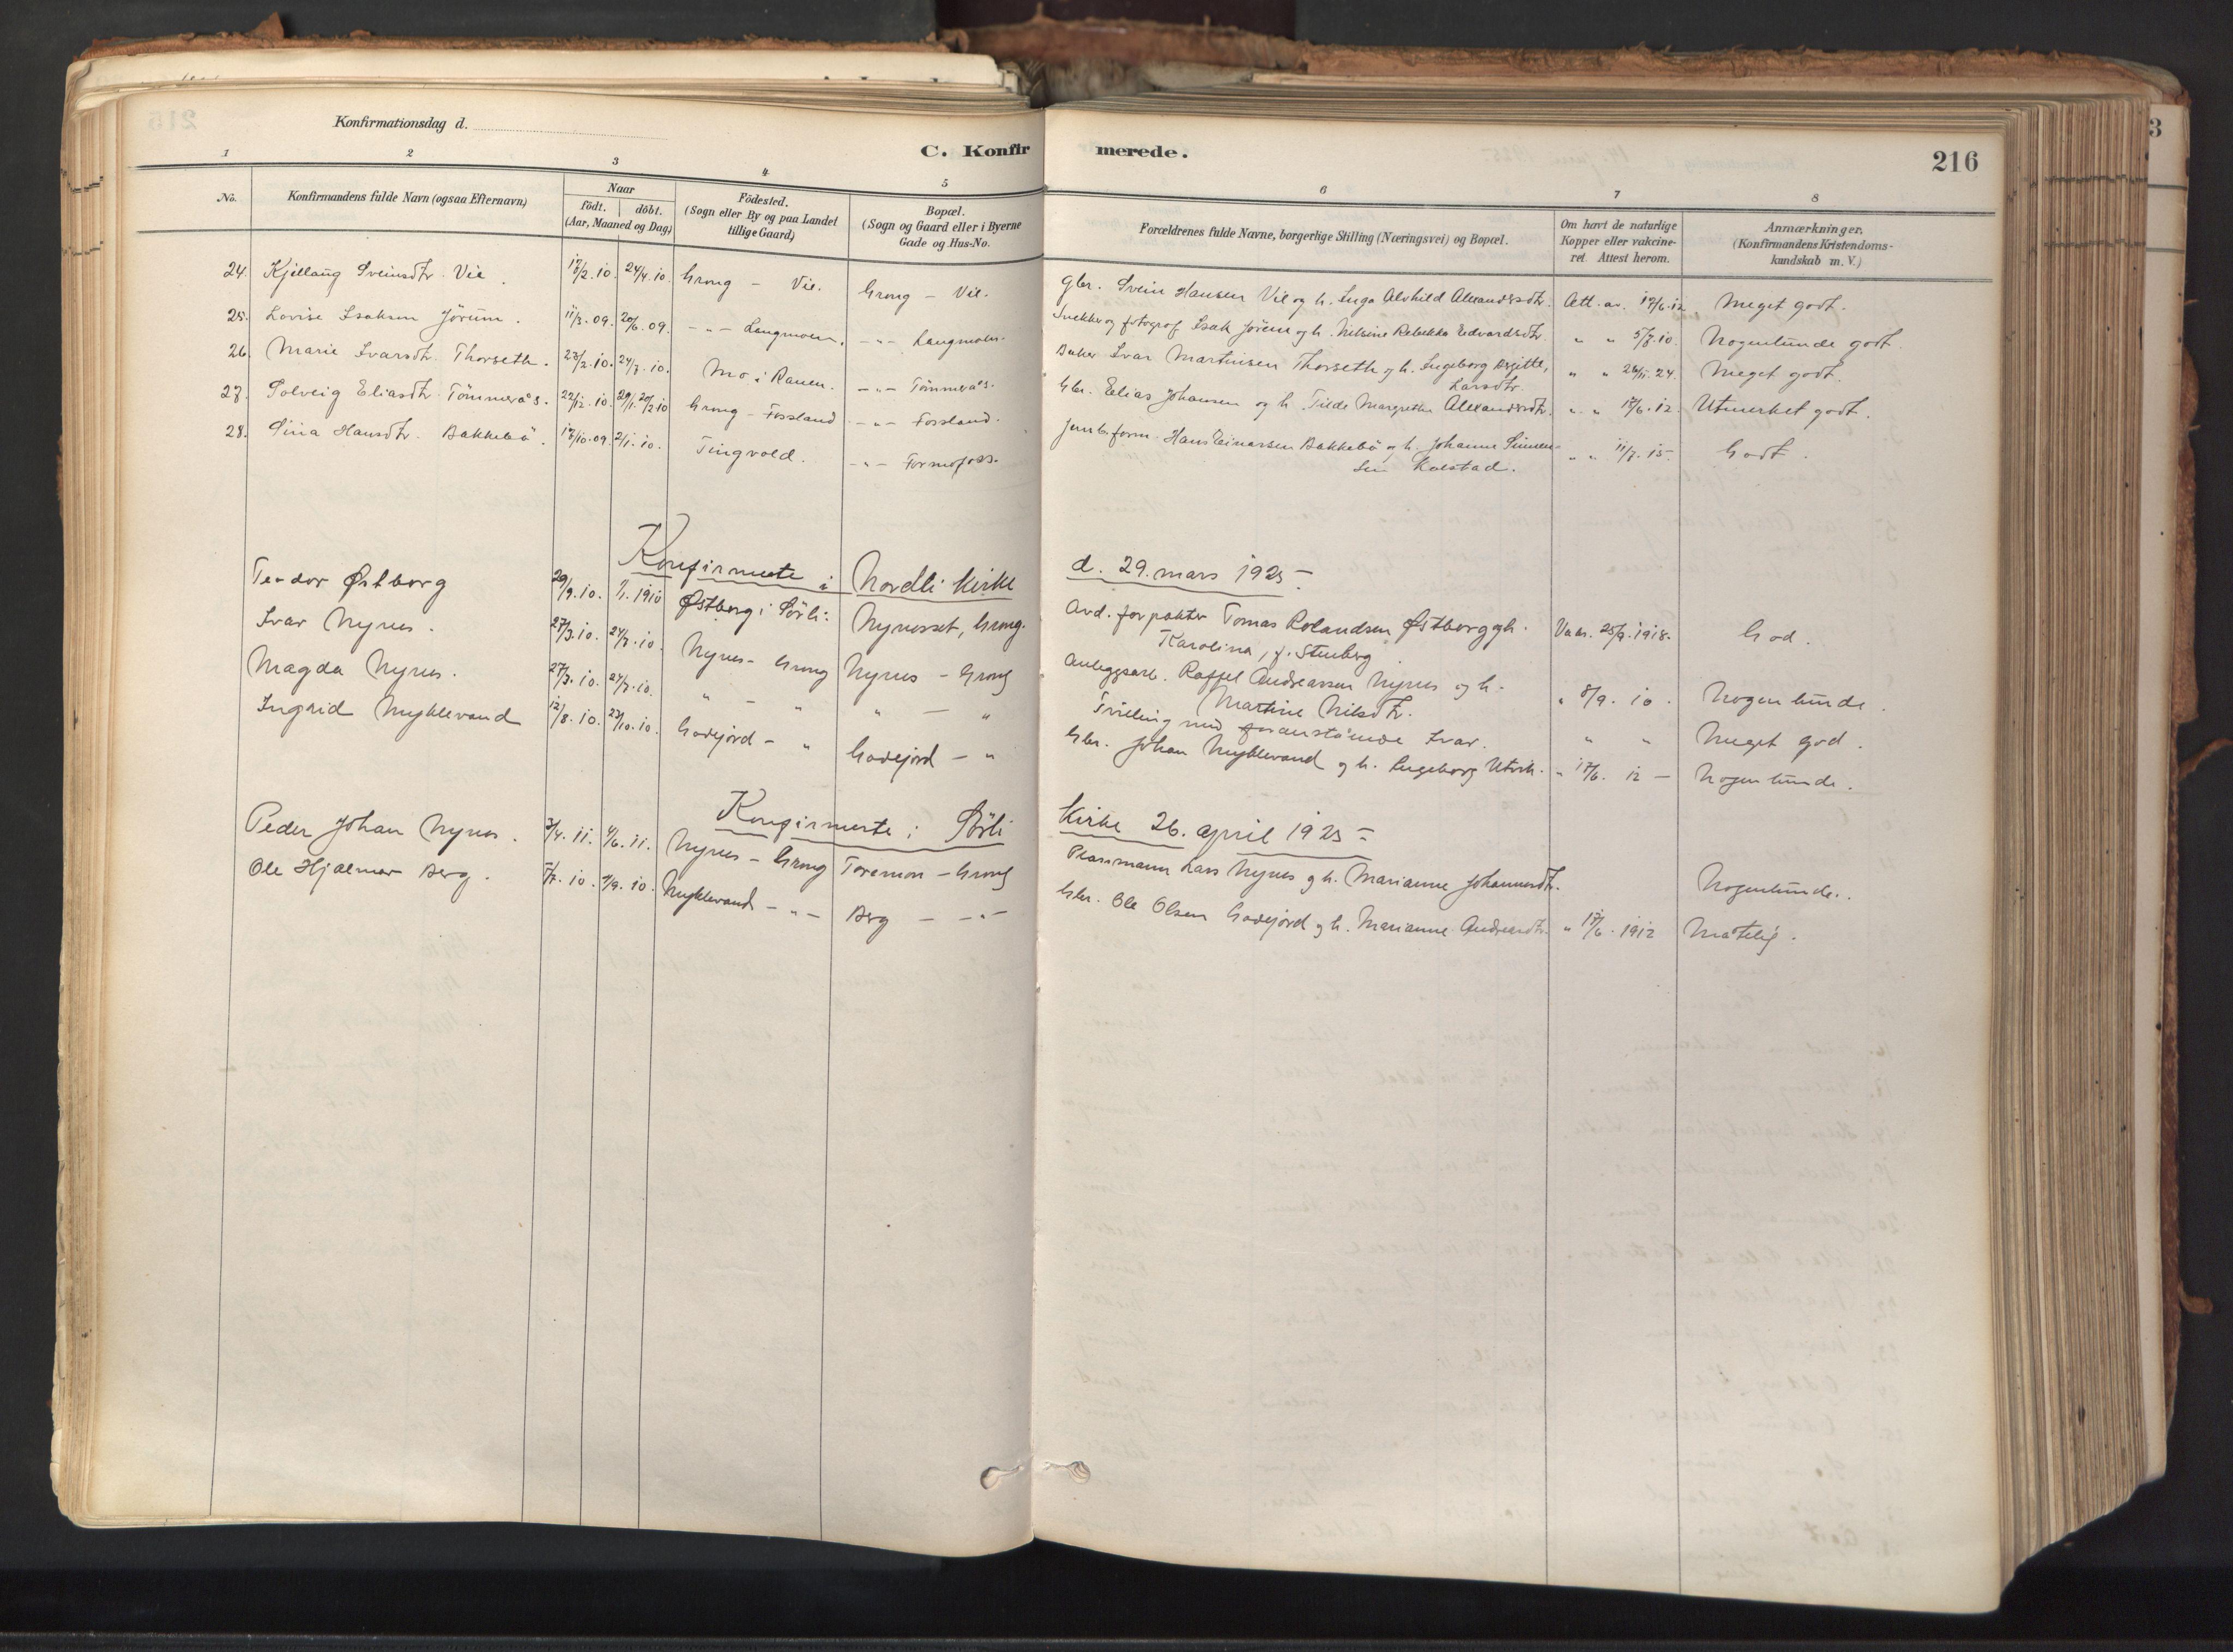 SAT, Ministerialprotokoller, klokkerbøker og fødselsregistre - Nord-Trøndelag, 758/L0519: Ministerialbok nr. 758A04, 1880-1926, s. 216